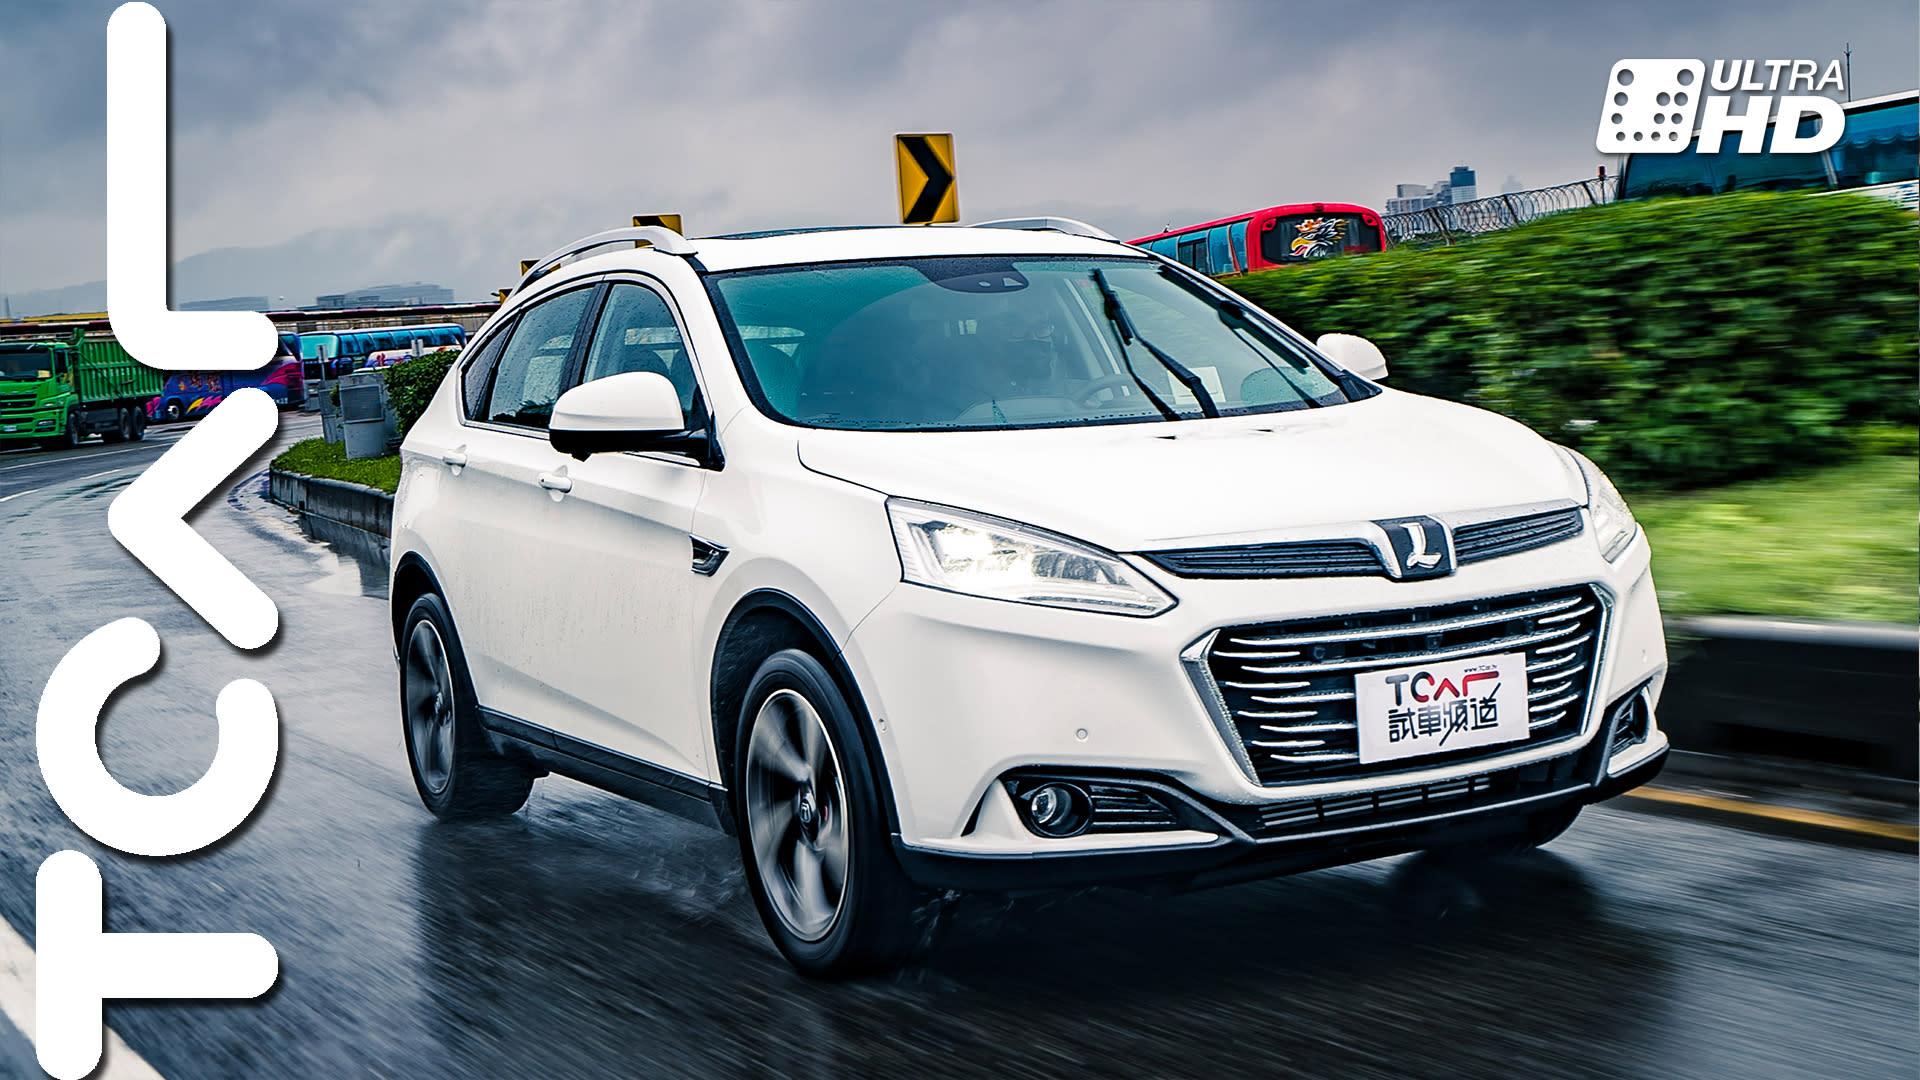 新國產性能王 LUXGEN U6 GT 旗艦智駕版 新車試駕 - TCAR